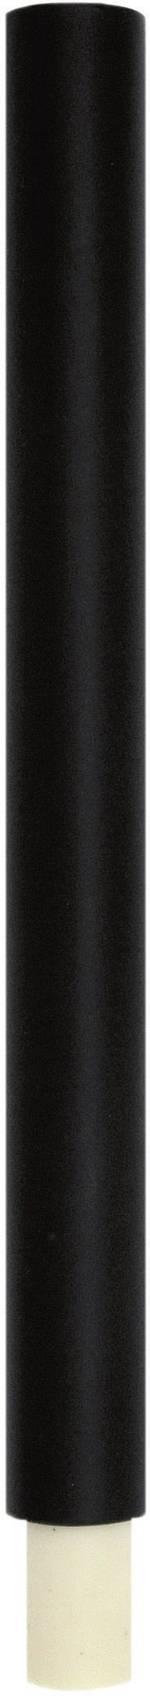 Pied pour colonnes de signalisation ComPro CO ST TUBE 250 1 pc(s)